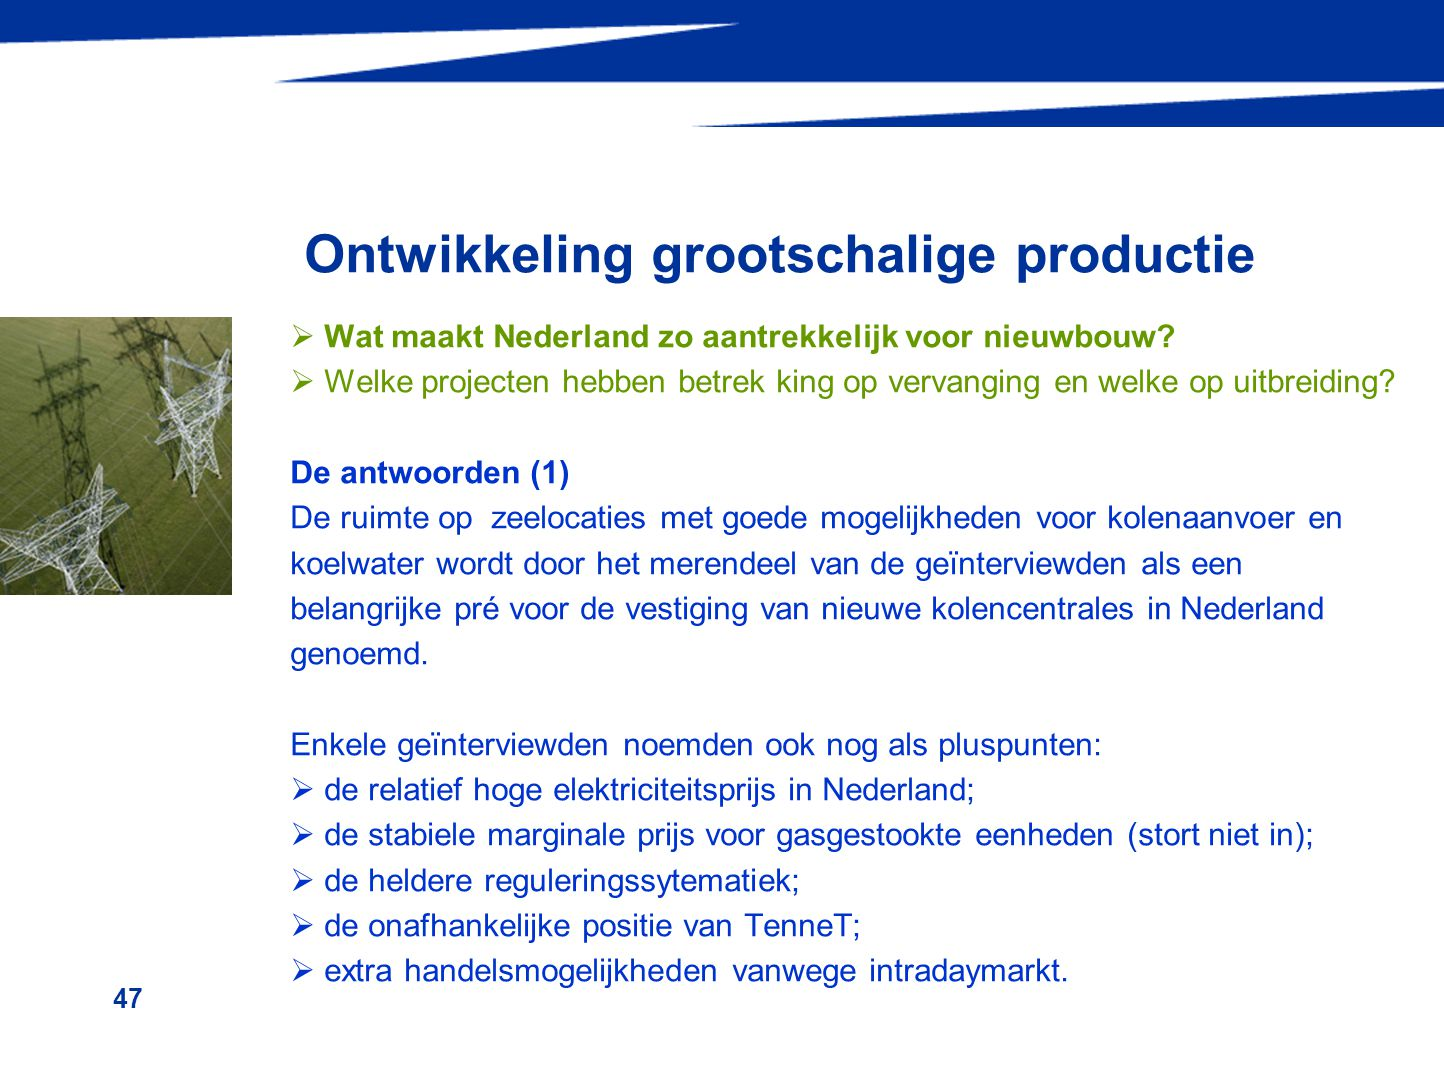 47 Ontwikkeling grootschalige productie  Wat maakt Nederland zo aantrekkelijk voor nieuwbouw?  Welke projecten hebben betrek king op vervanging en w